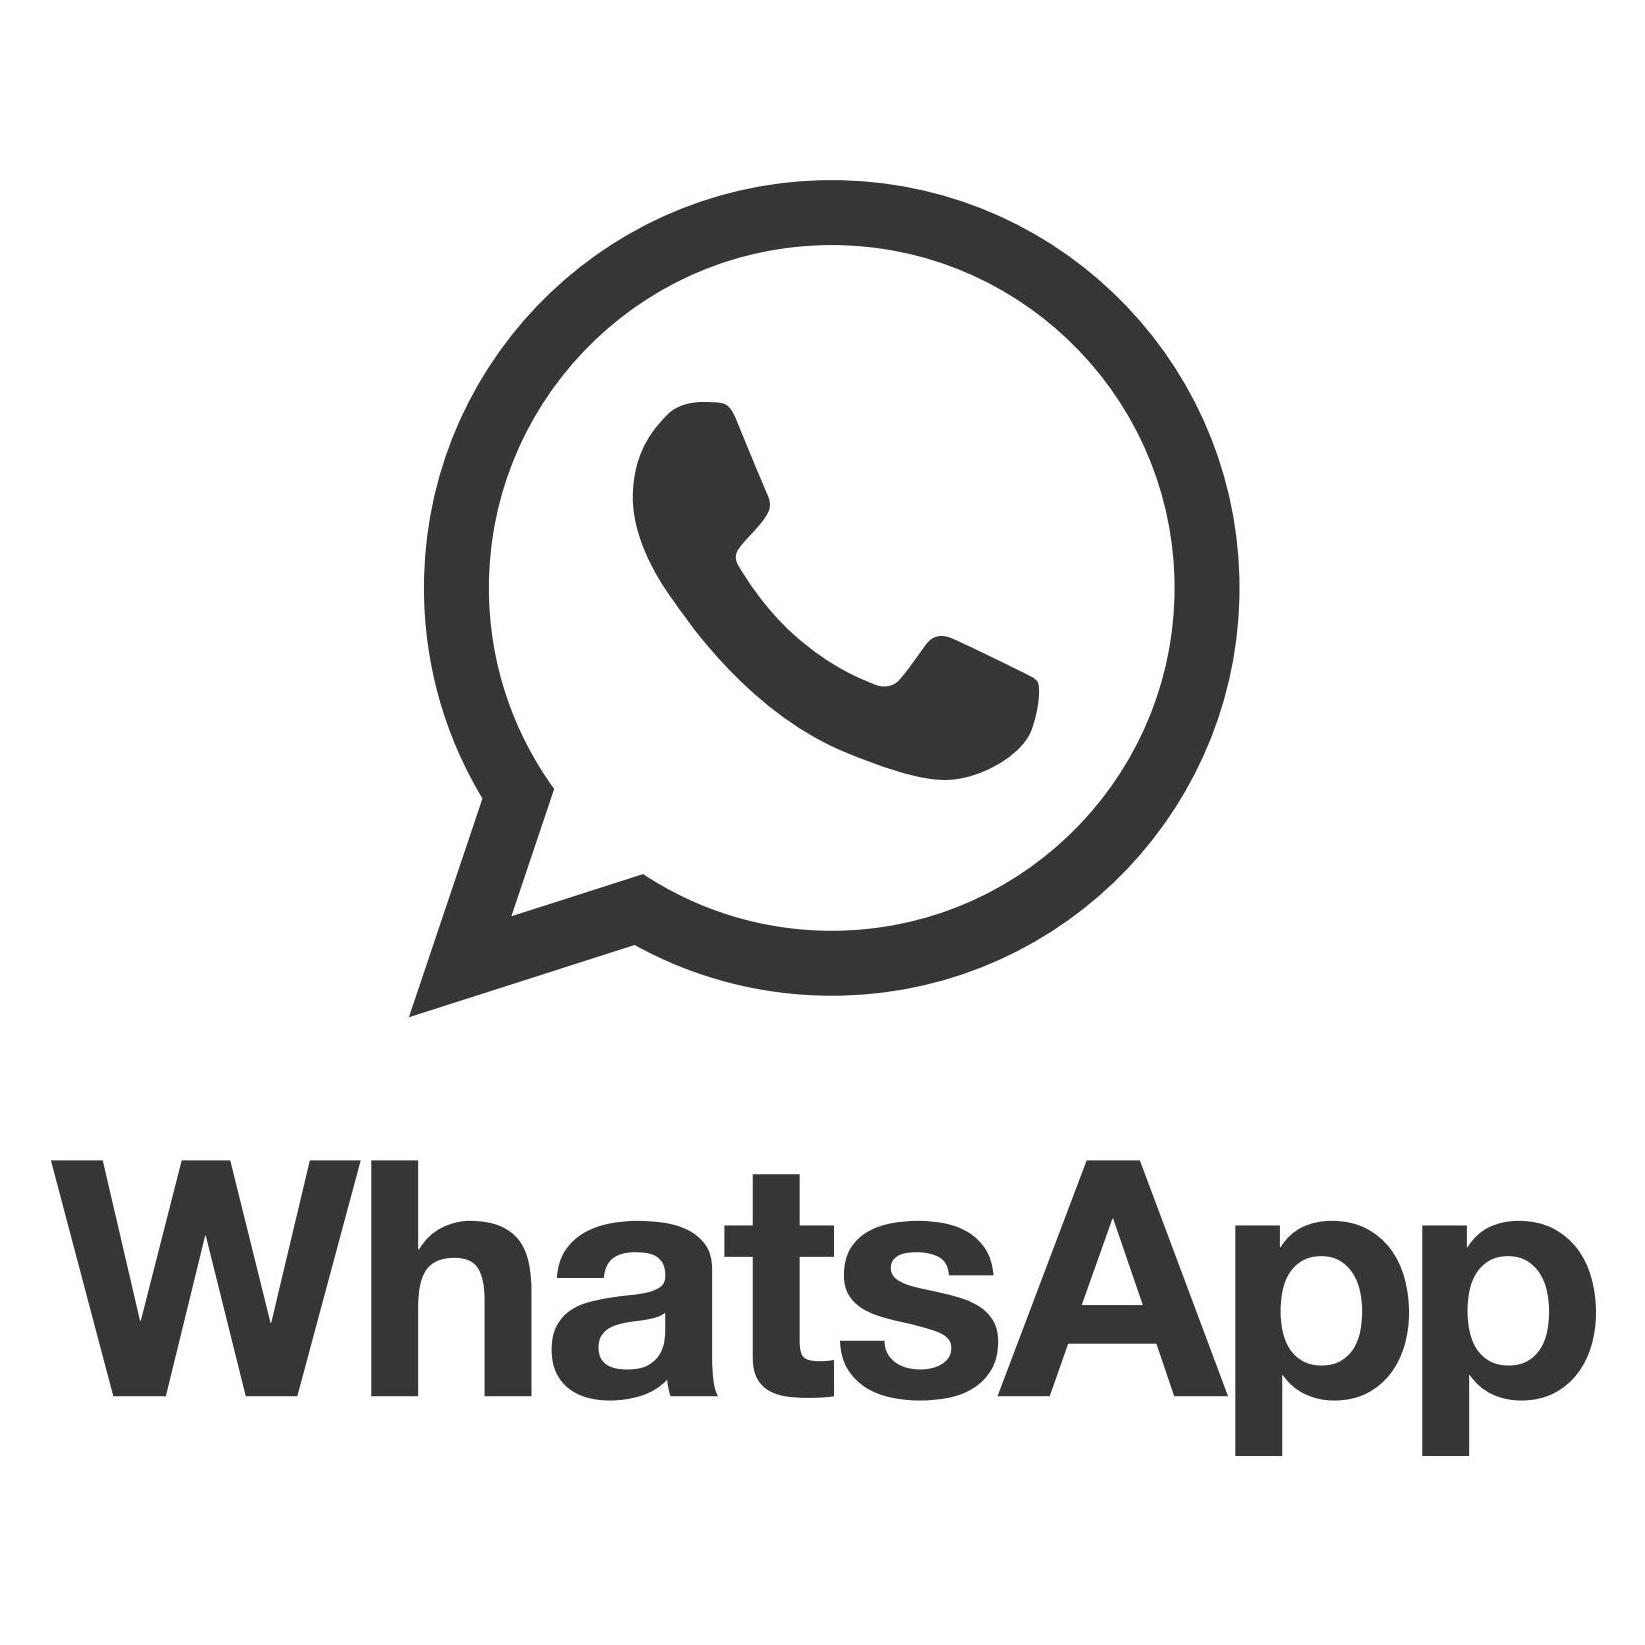 Clipart whatsapp.